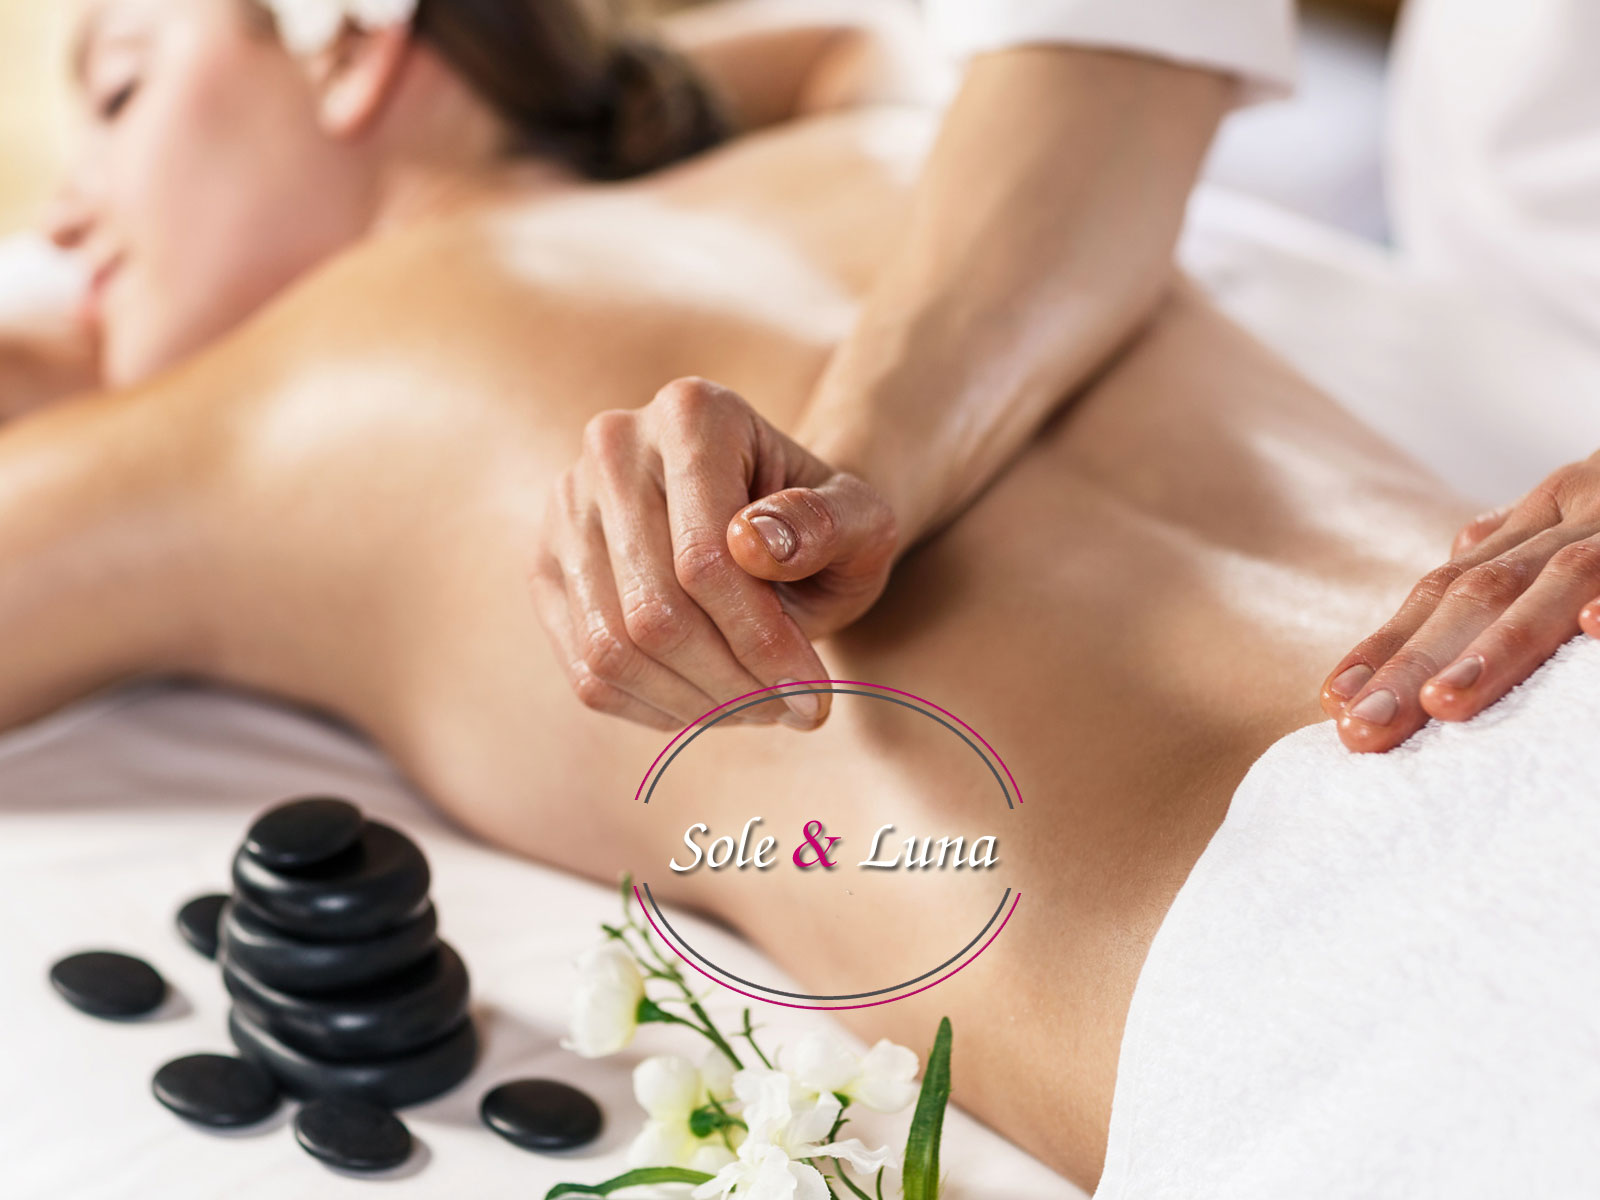 Centro estetico massaggi Taranto